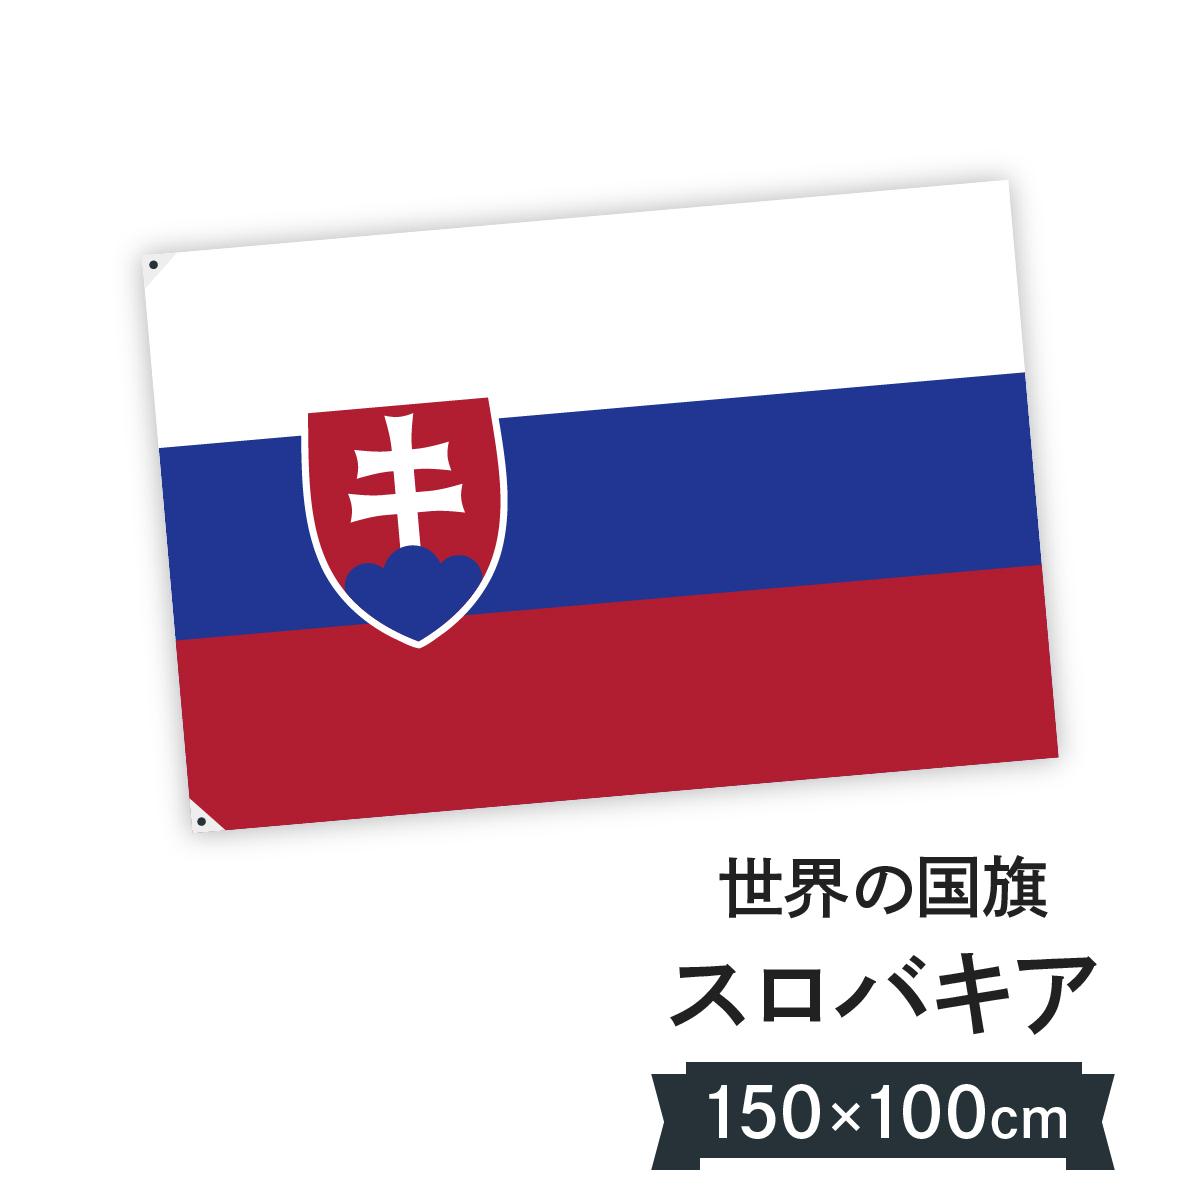 スロバキア共和国 国旗 W150cm H100cm